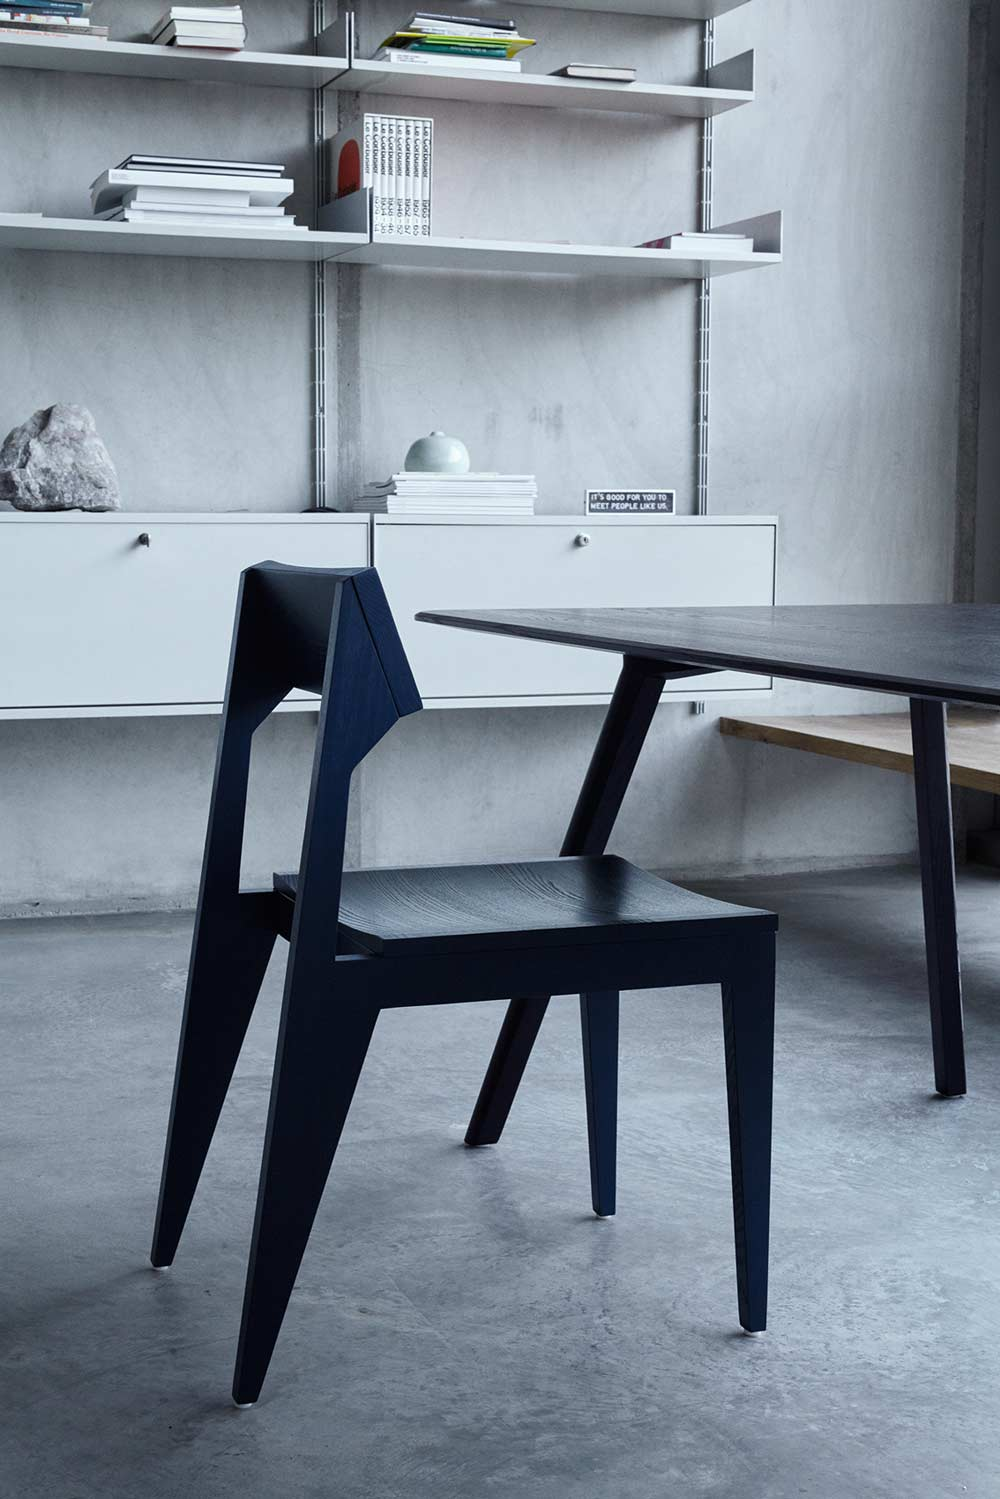 objekte unserer tage die n chsten klassiker von innen. Black Bedroom Furniture Sets. Home Design Ideas